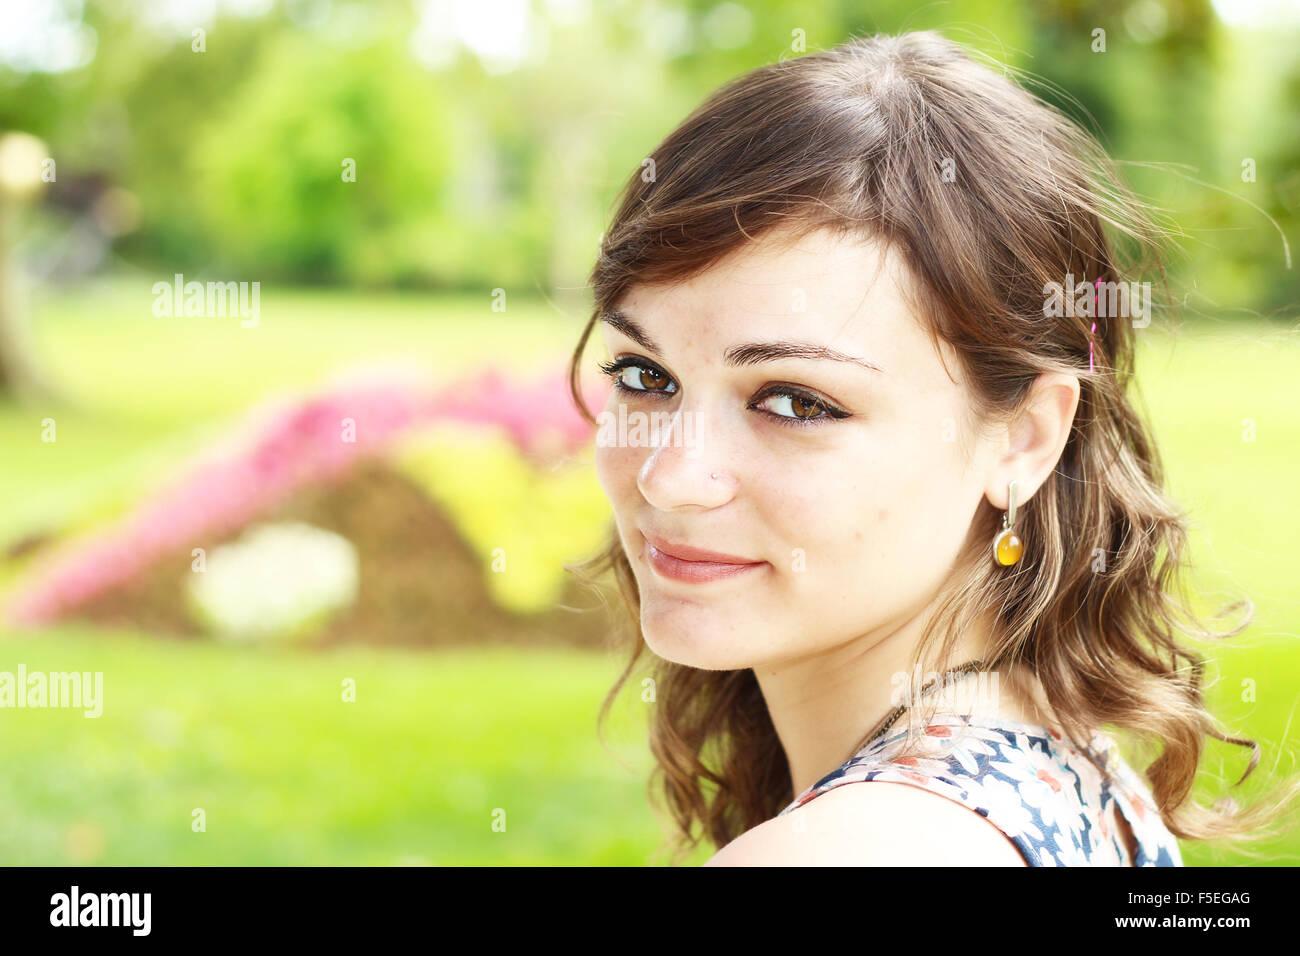 Porträt einer Frau, Lächeln Stockbild